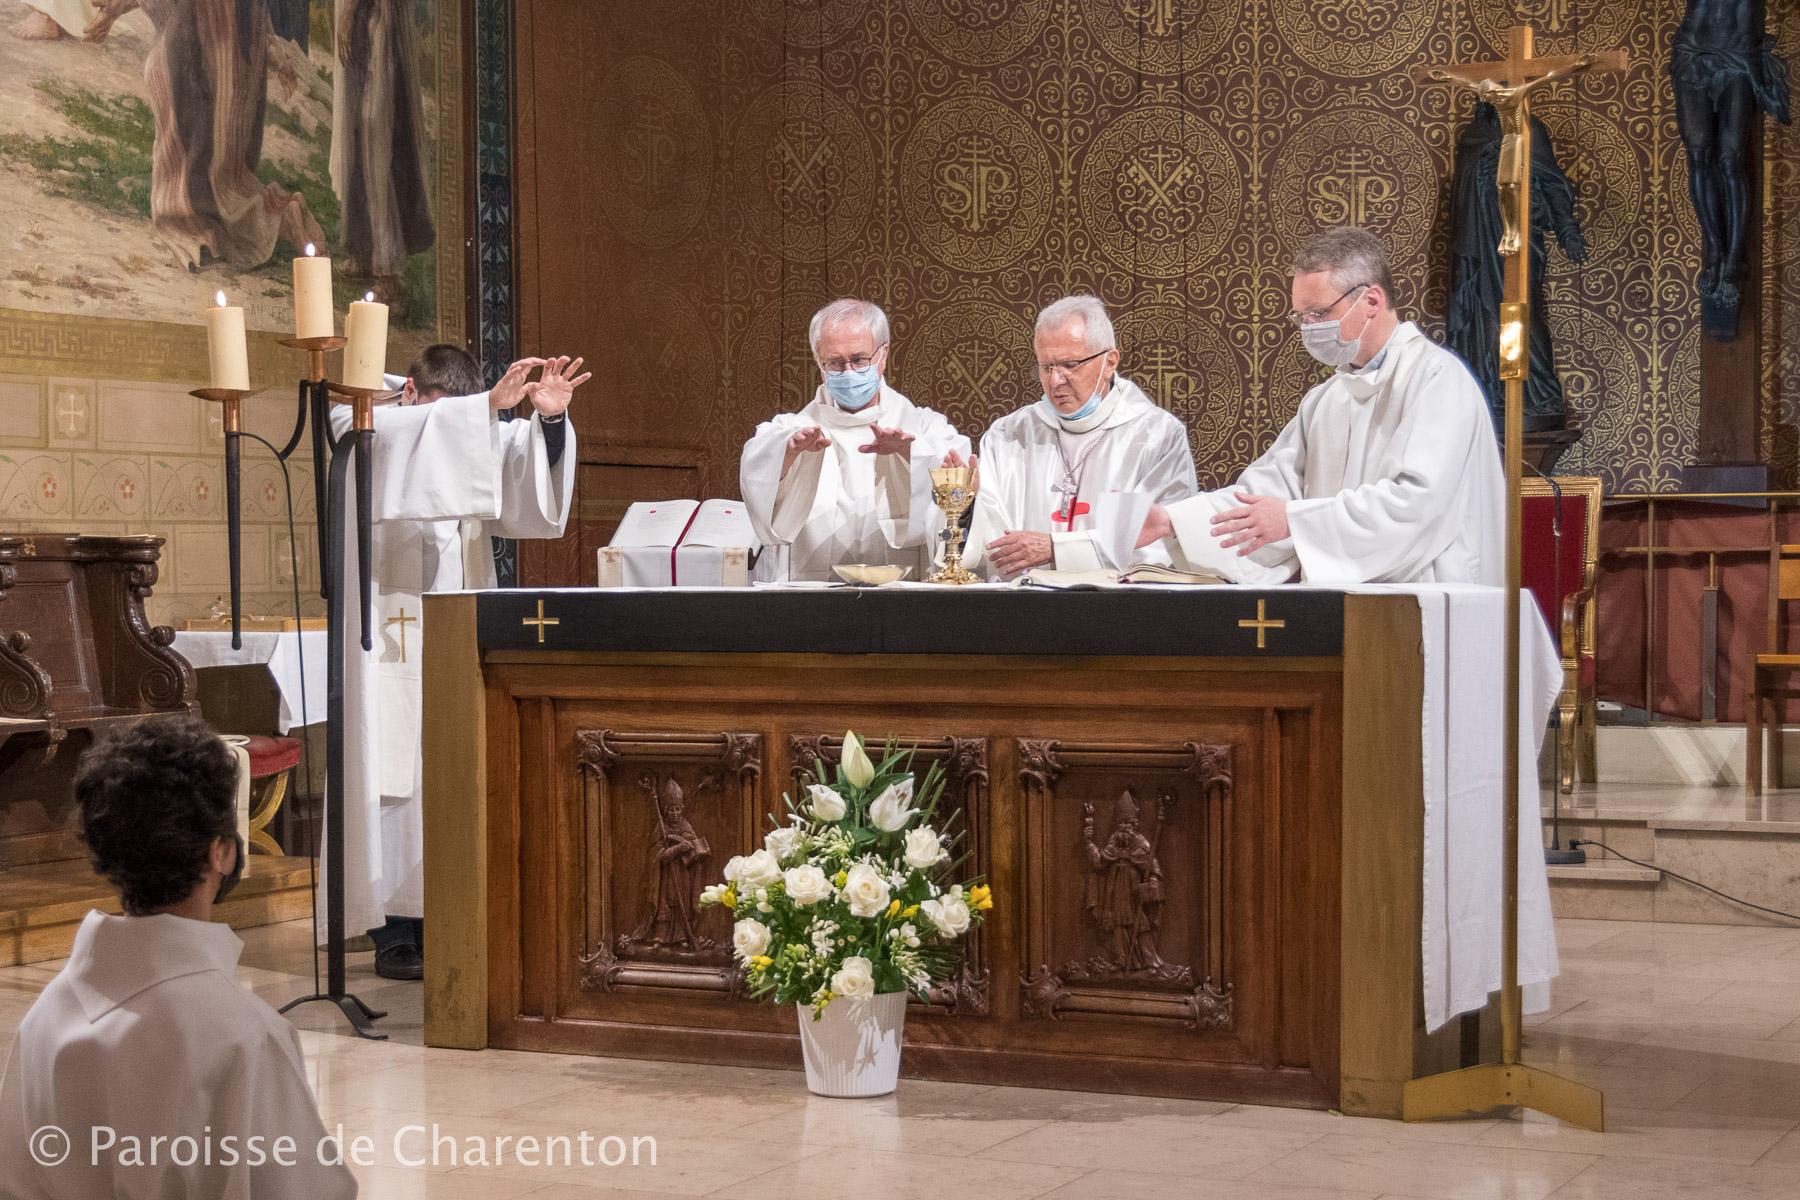 Samedi 5 juin à 17h30 : messe  en mémoire de Mgr Surat en l'église St-Pierre